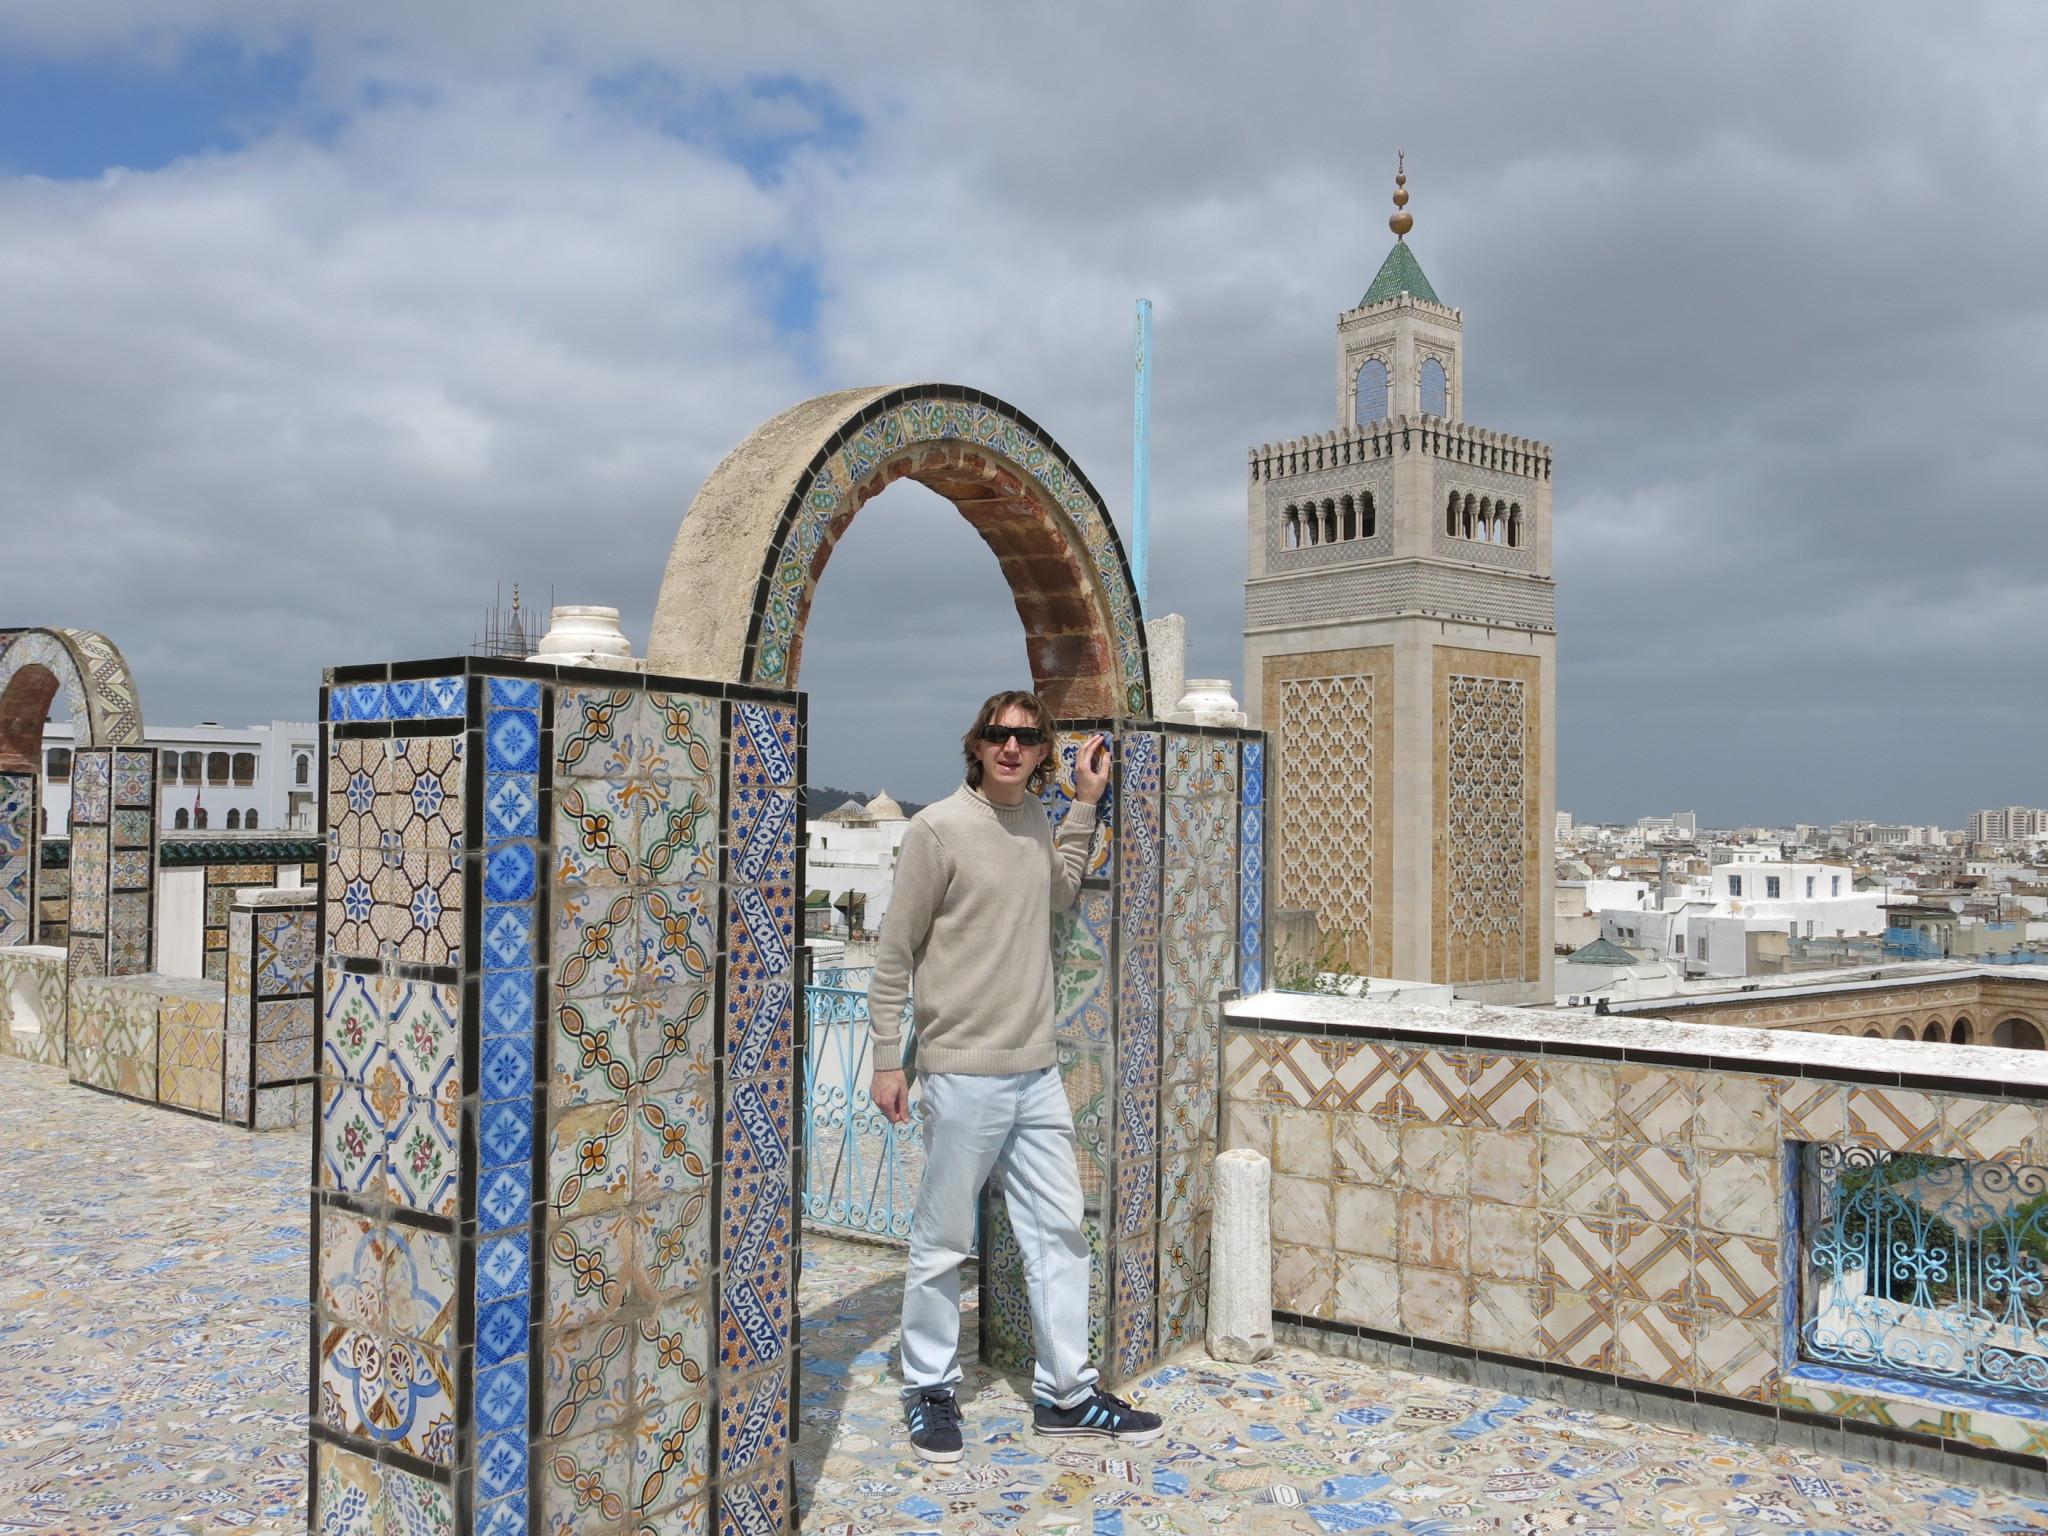 Tunis tunis tunisia